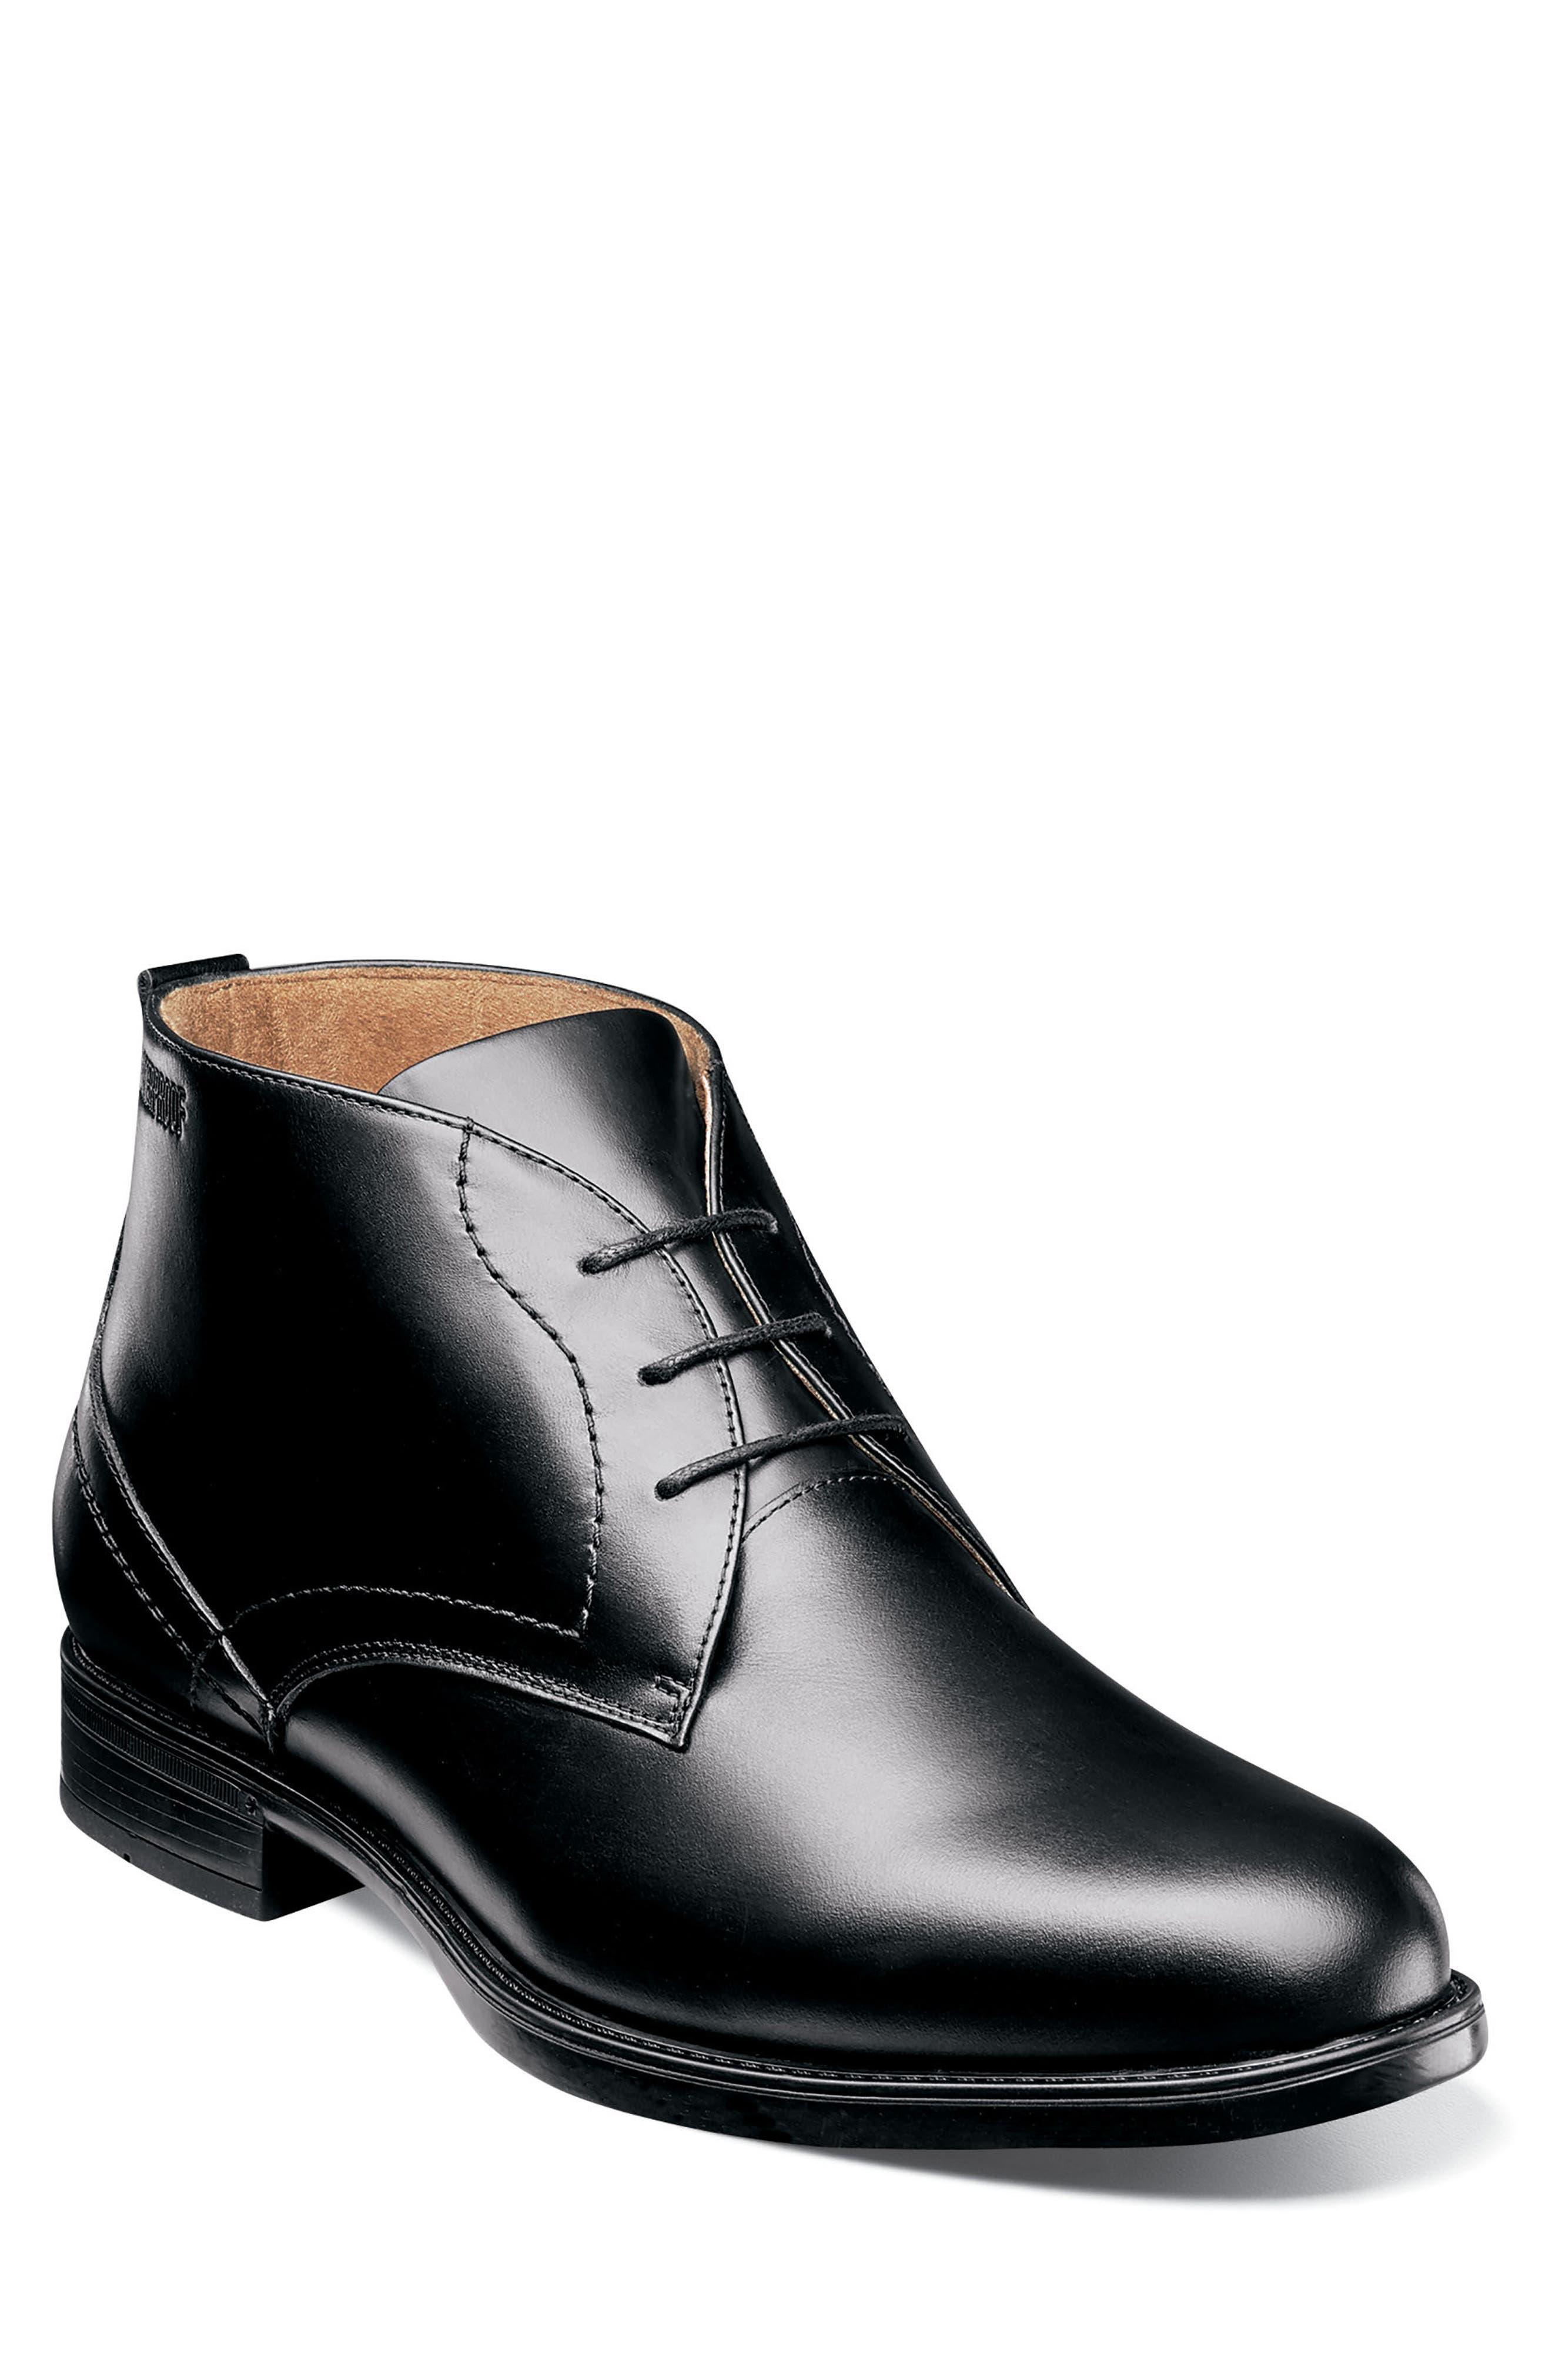 Midtown Waterproof Chukka Boot,                             Main thumbnail 1, color,                             BLACK